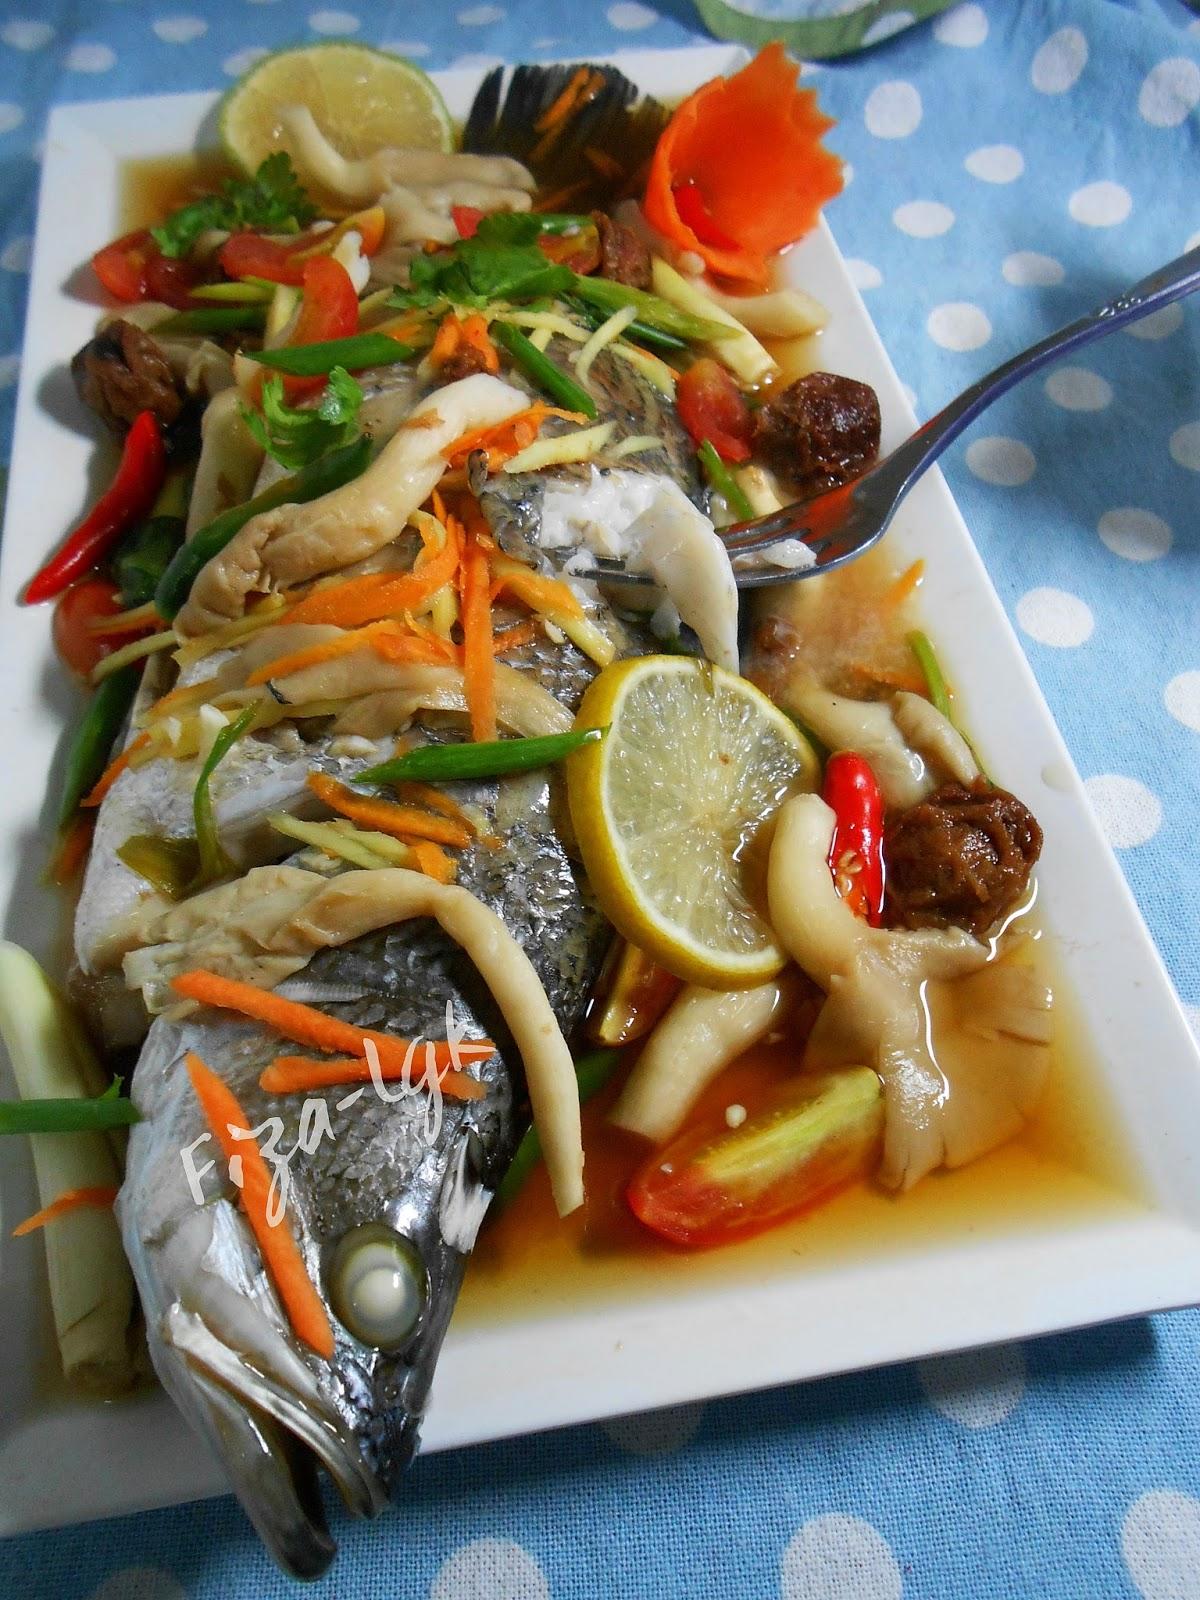 Resepi Ikan Kukus Mudah Dan Sedap ~ Resep Masakan Khas